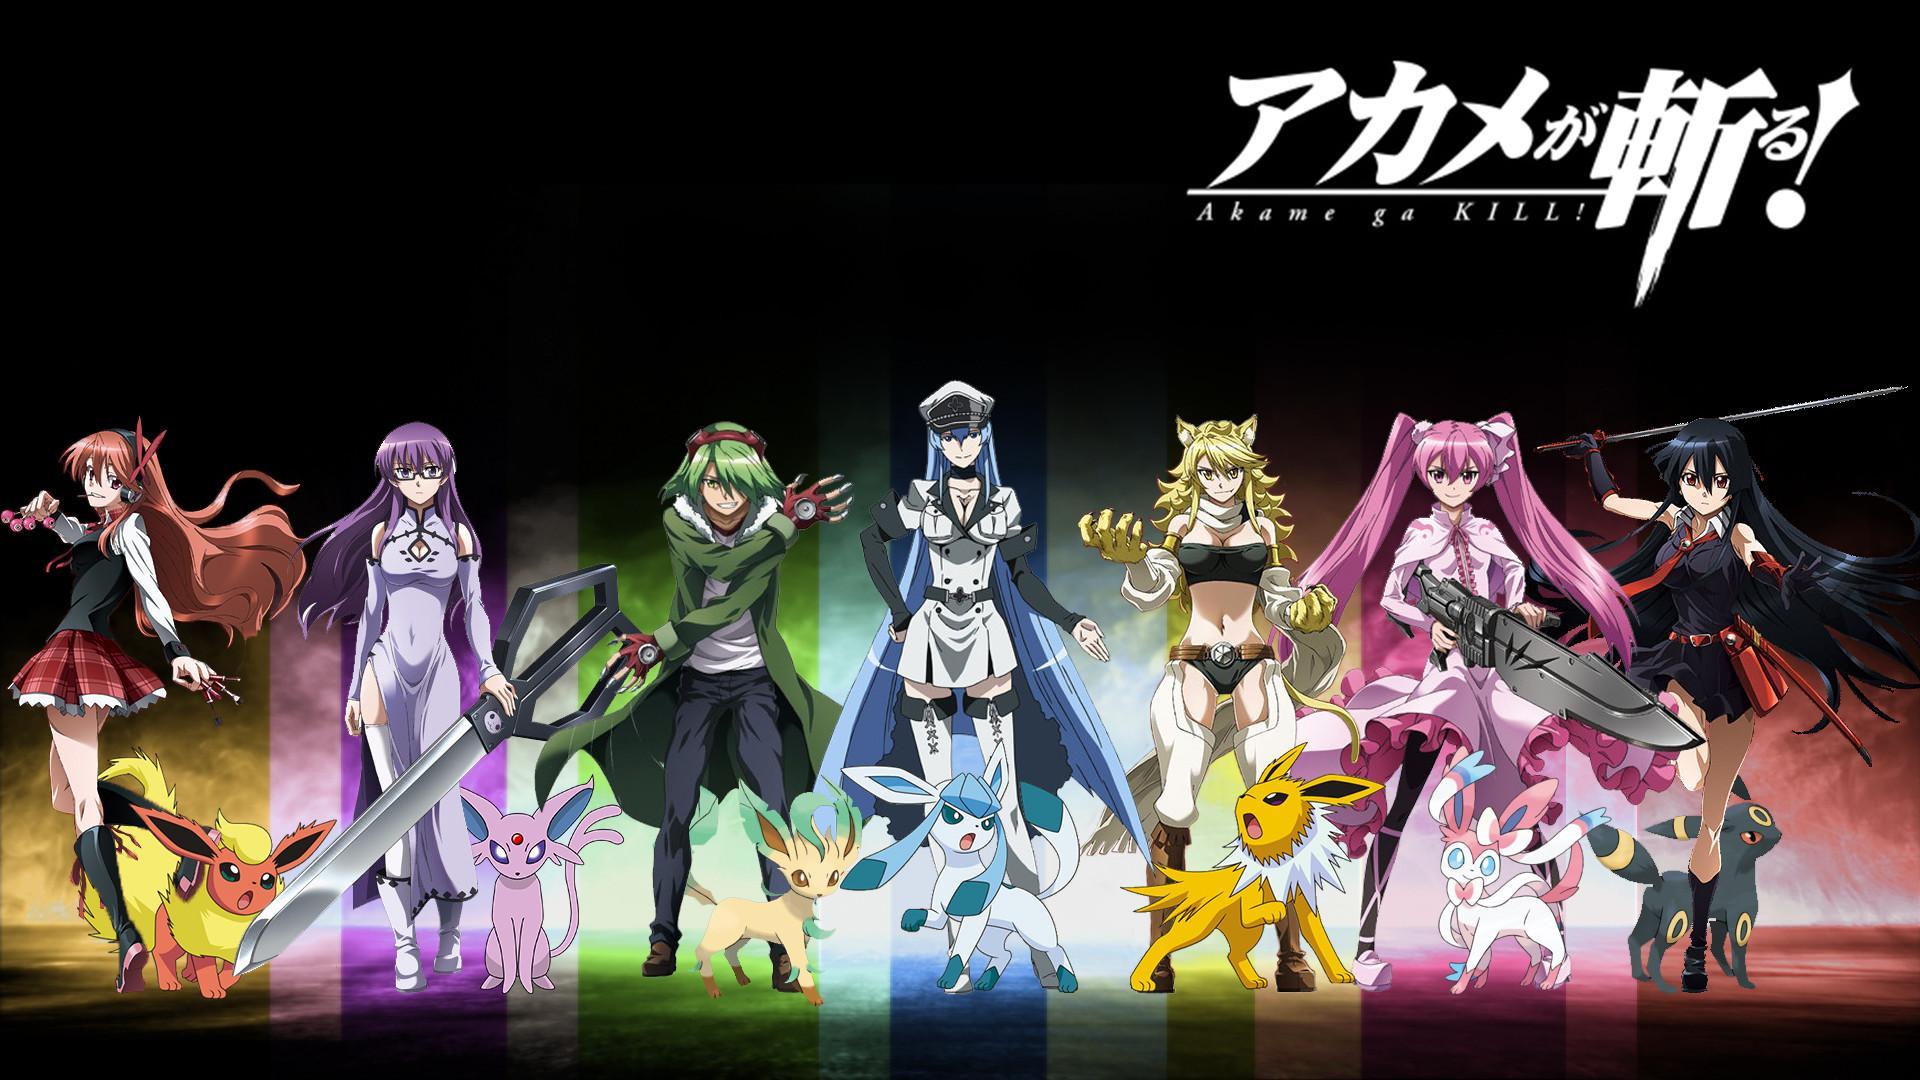 Akame Ga Kill Anime Wallpapers Wallpaper Cave